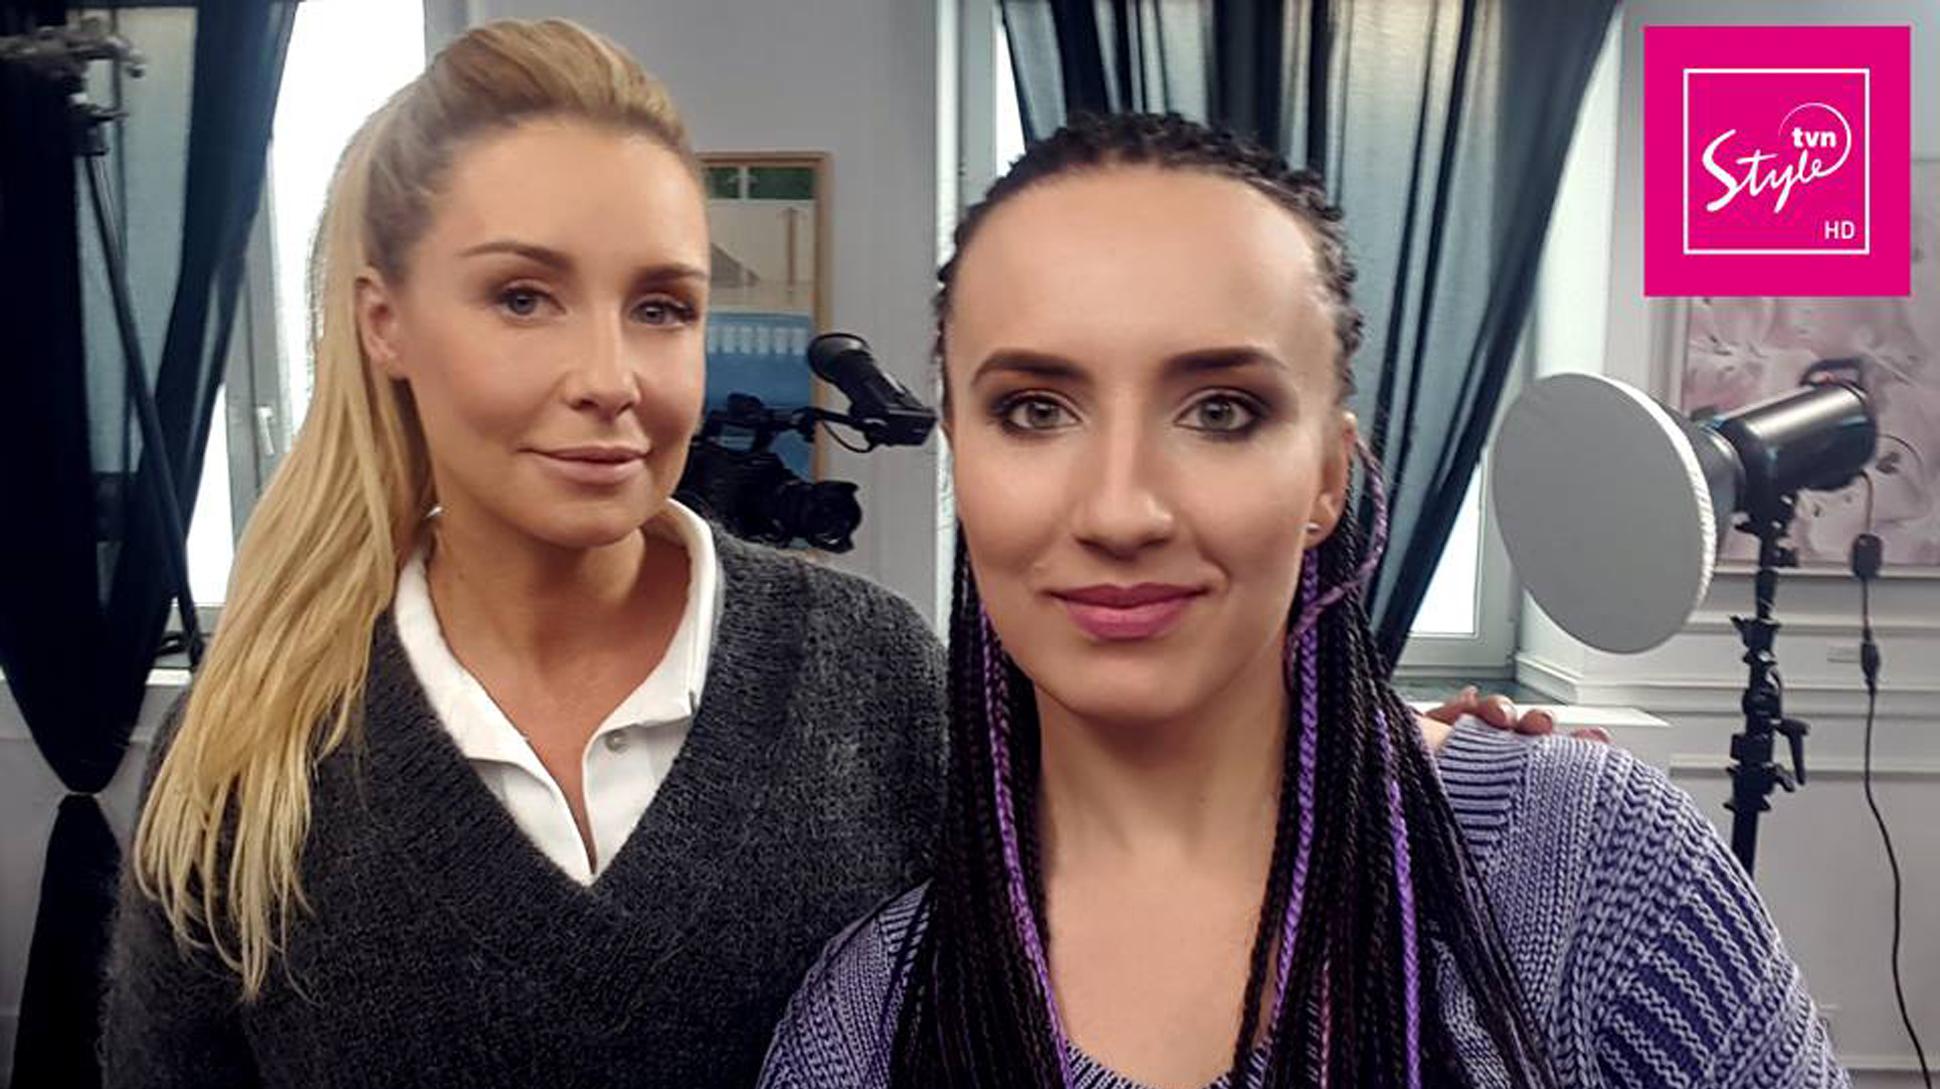 Jestem w telewizji – Warsztat urody w TVN Style odc. 1